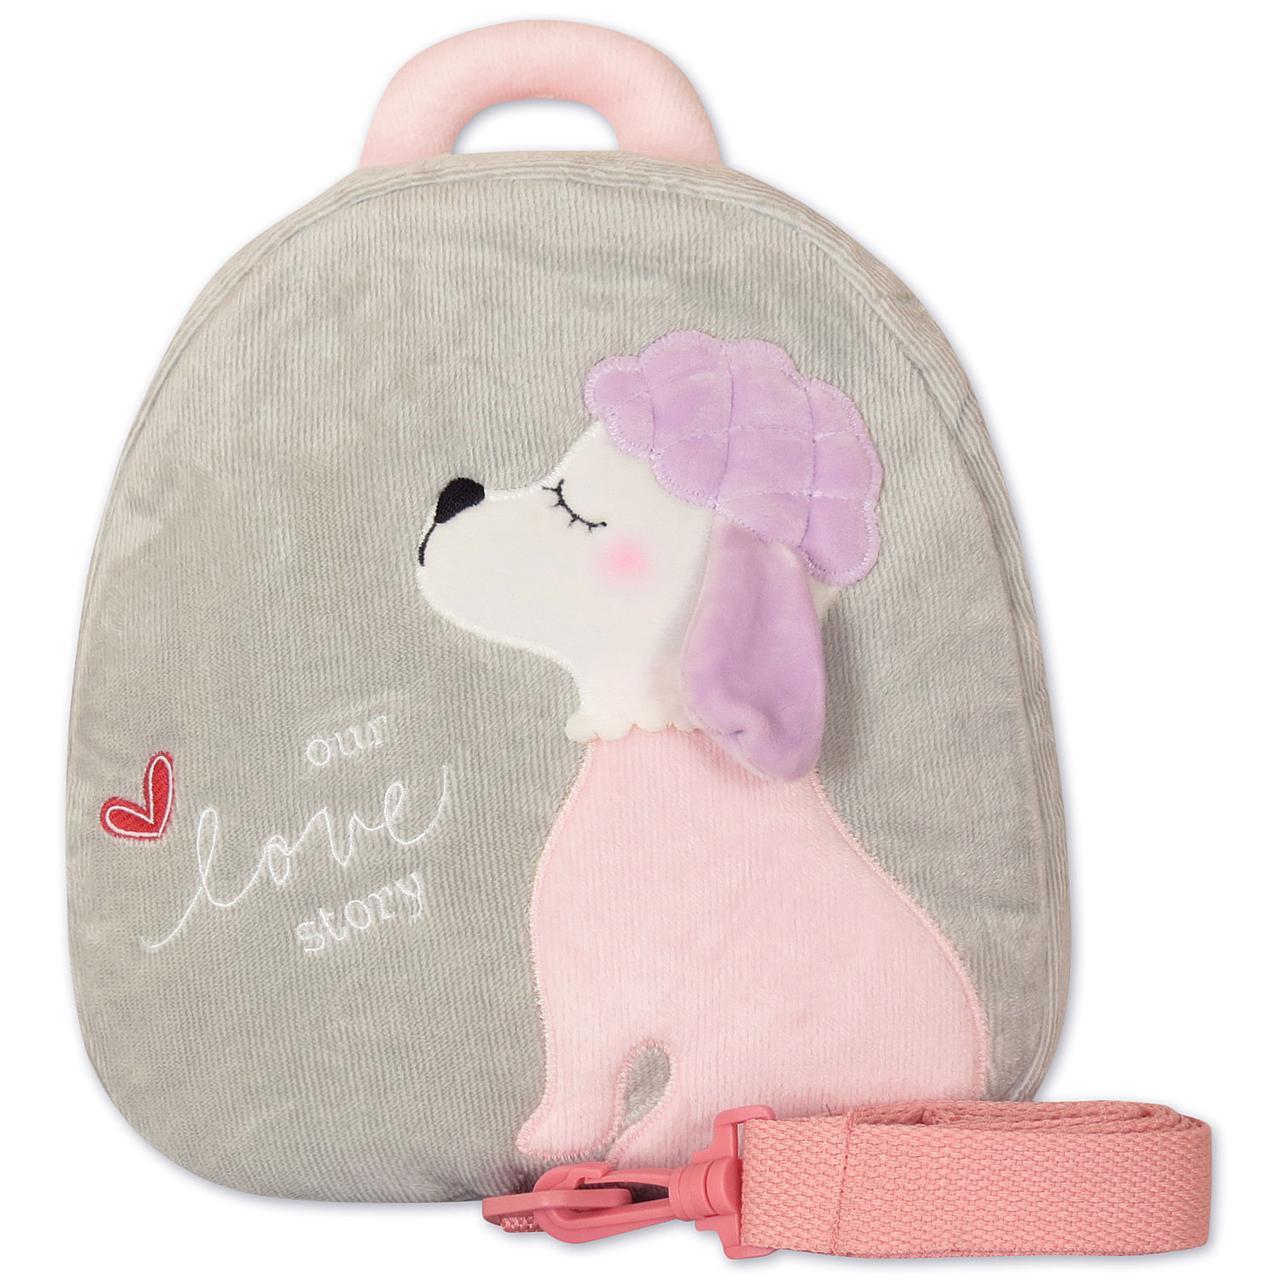 1765af783f5d Серый вельветовый рюкзак для девочки с собачкой: продажа, цена в ...